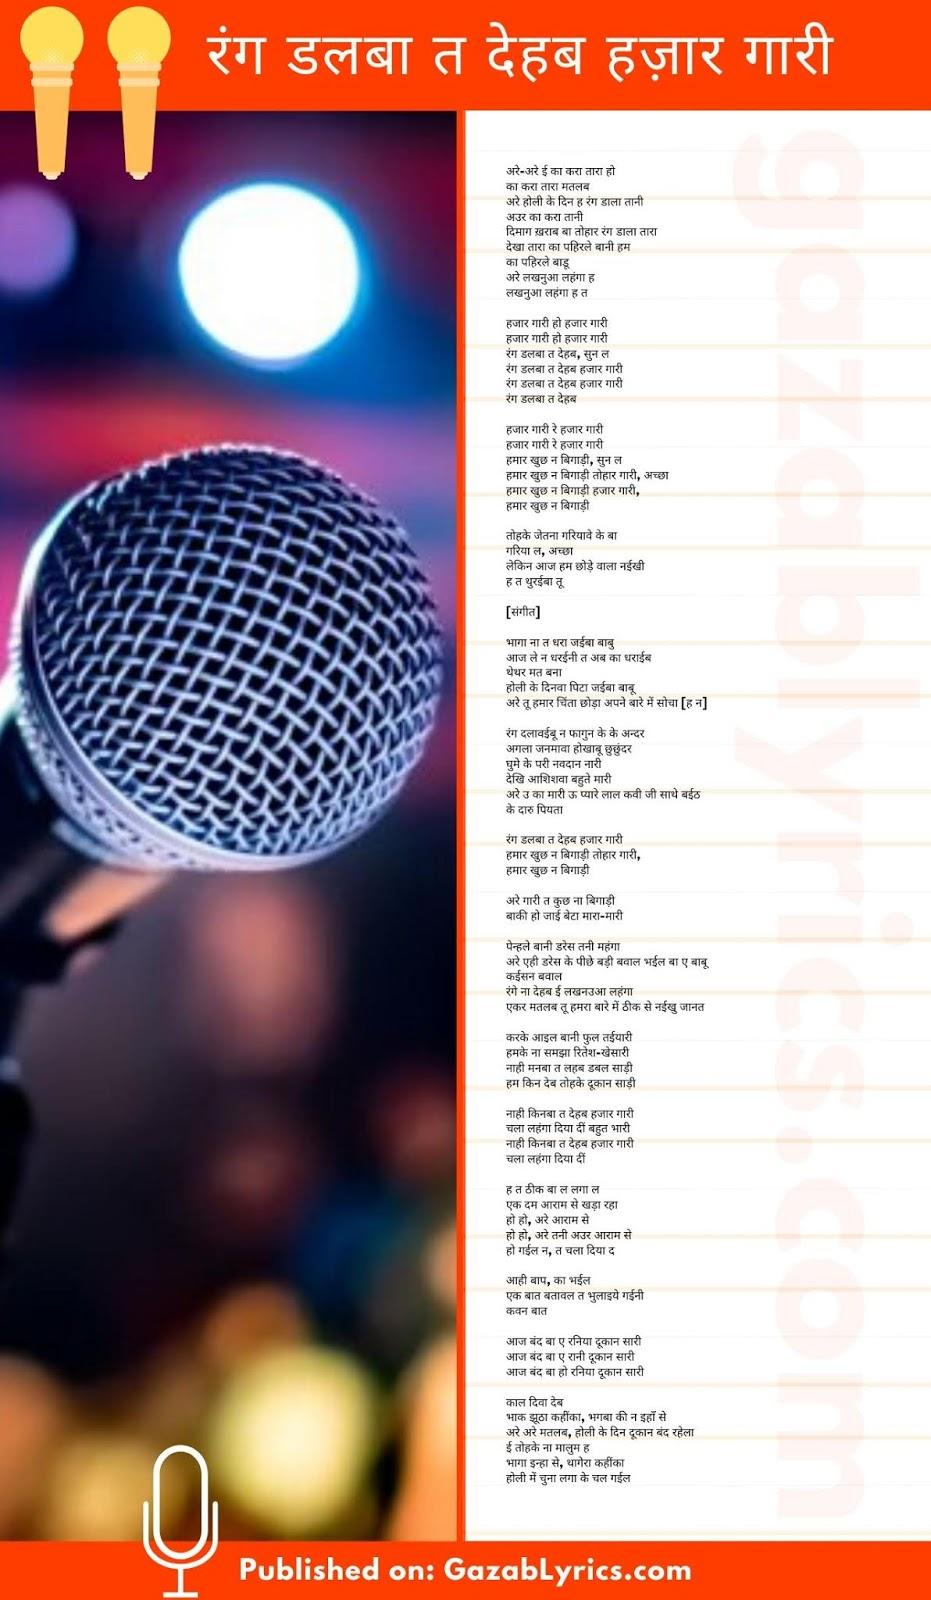 Rang Dalba T Dehab Hajar Gaari song lyrics image